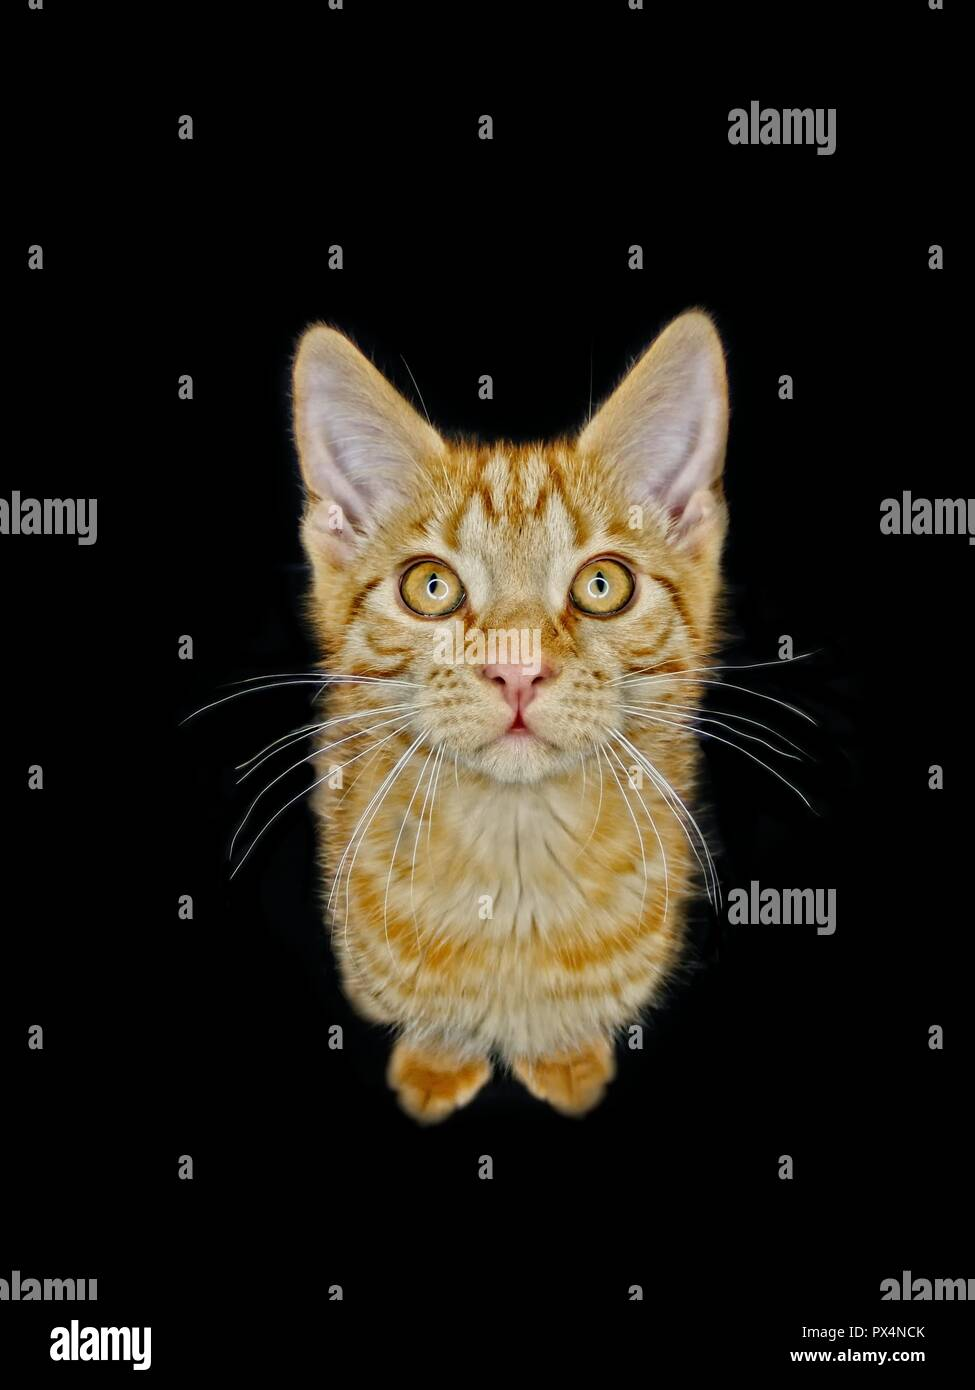 Divertente lo zenzero gattino cercando curiosi fino alla telecamera. Isolato su sfondo nero. Immagini Stock